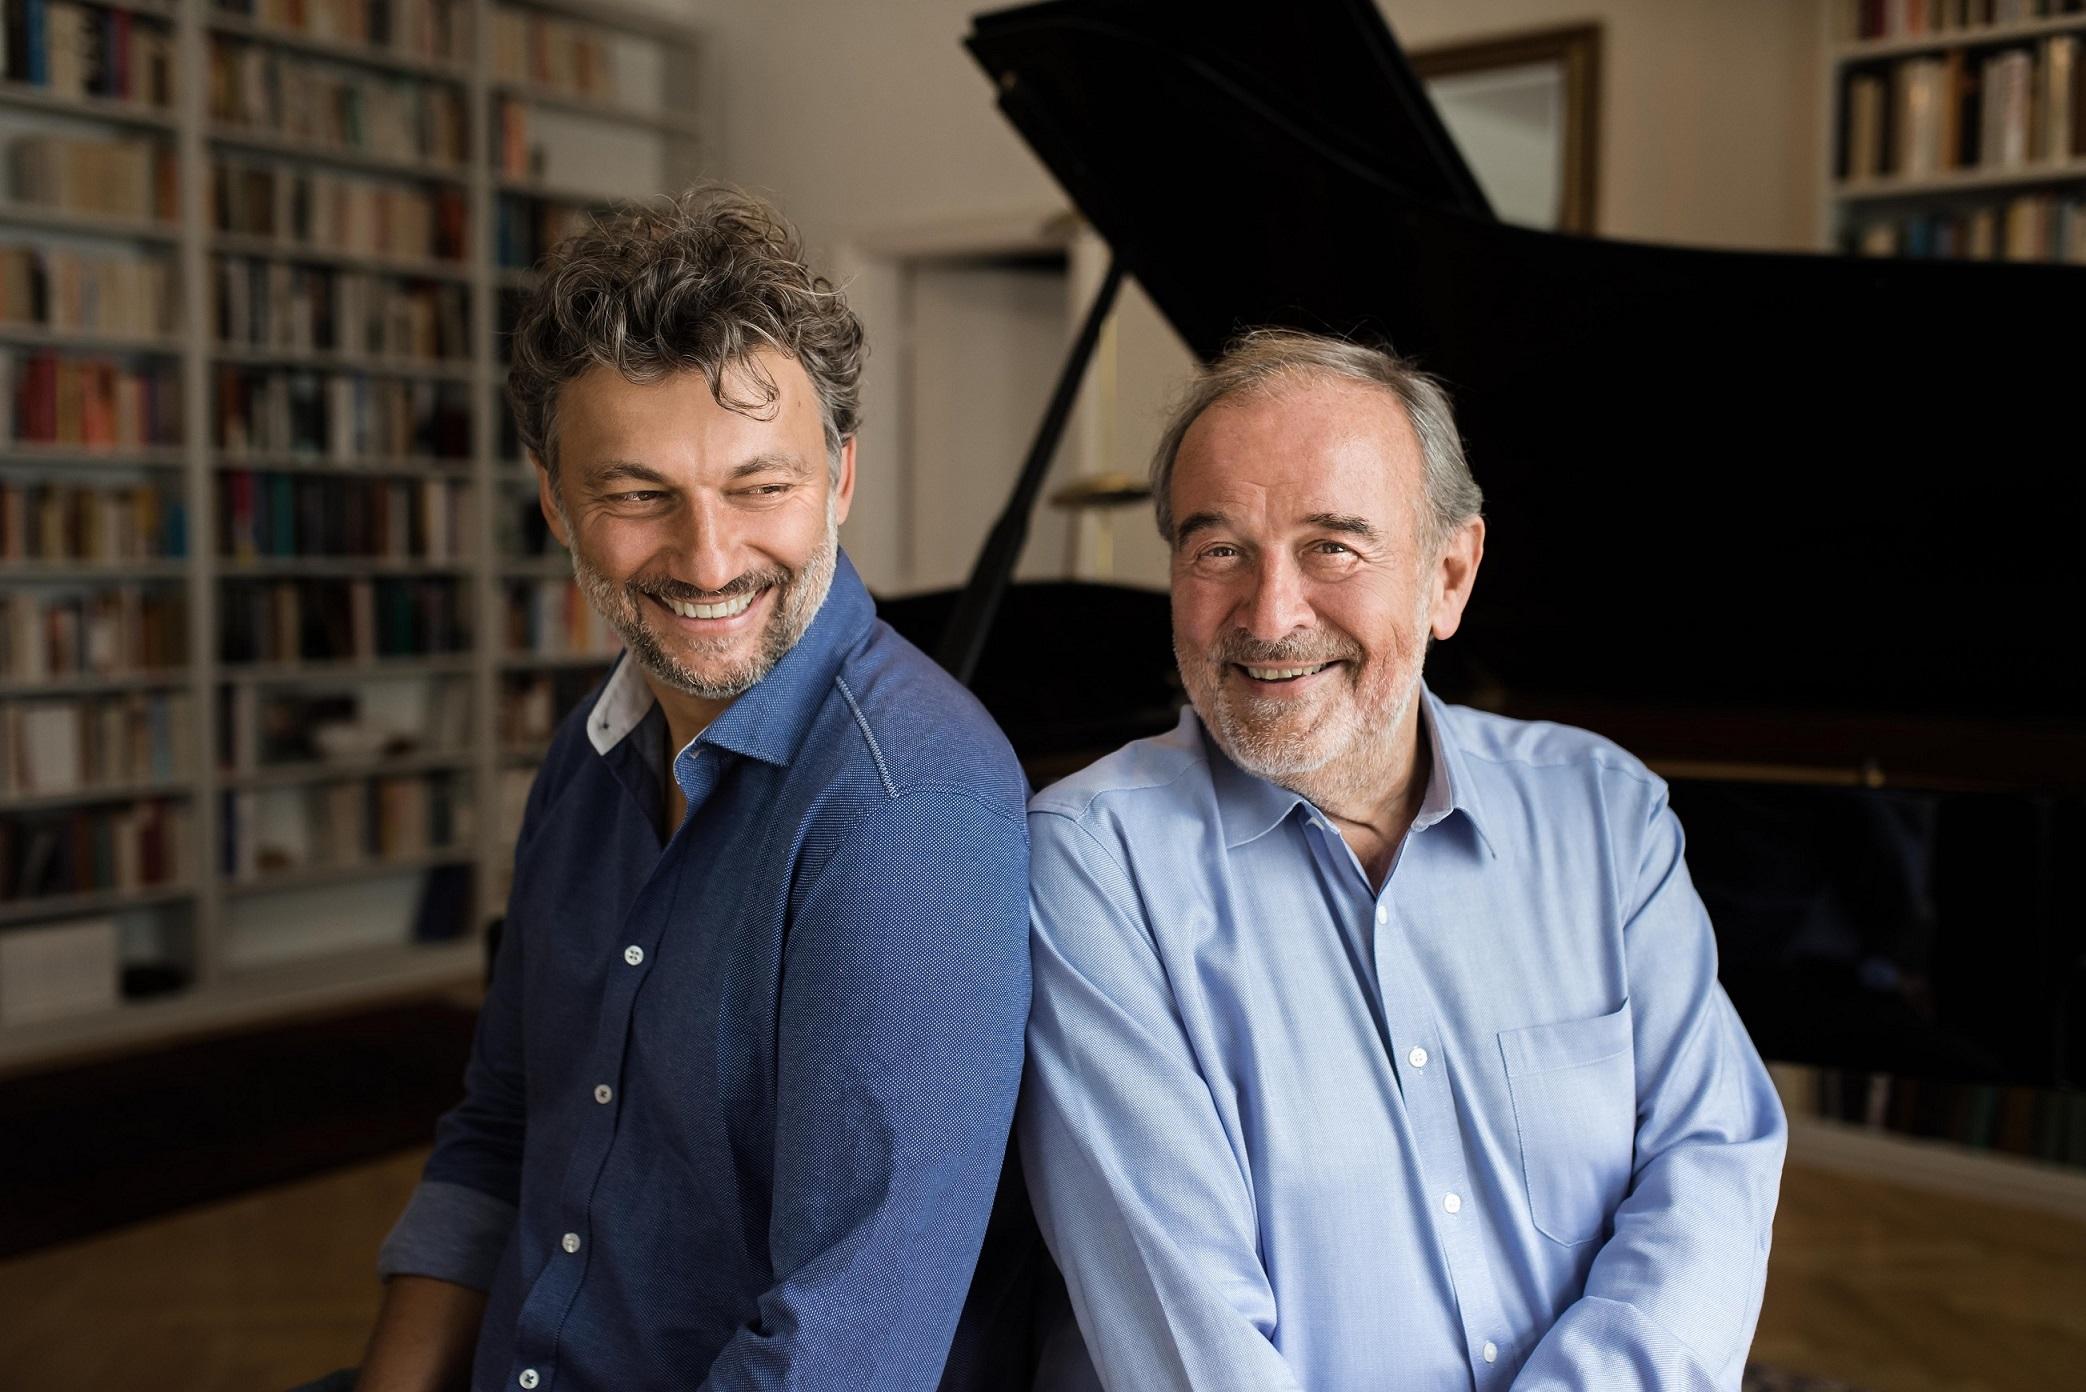 τενόρος Jonas Kaufmann και Helmut Deutsch Μέγαρο Μουσικής